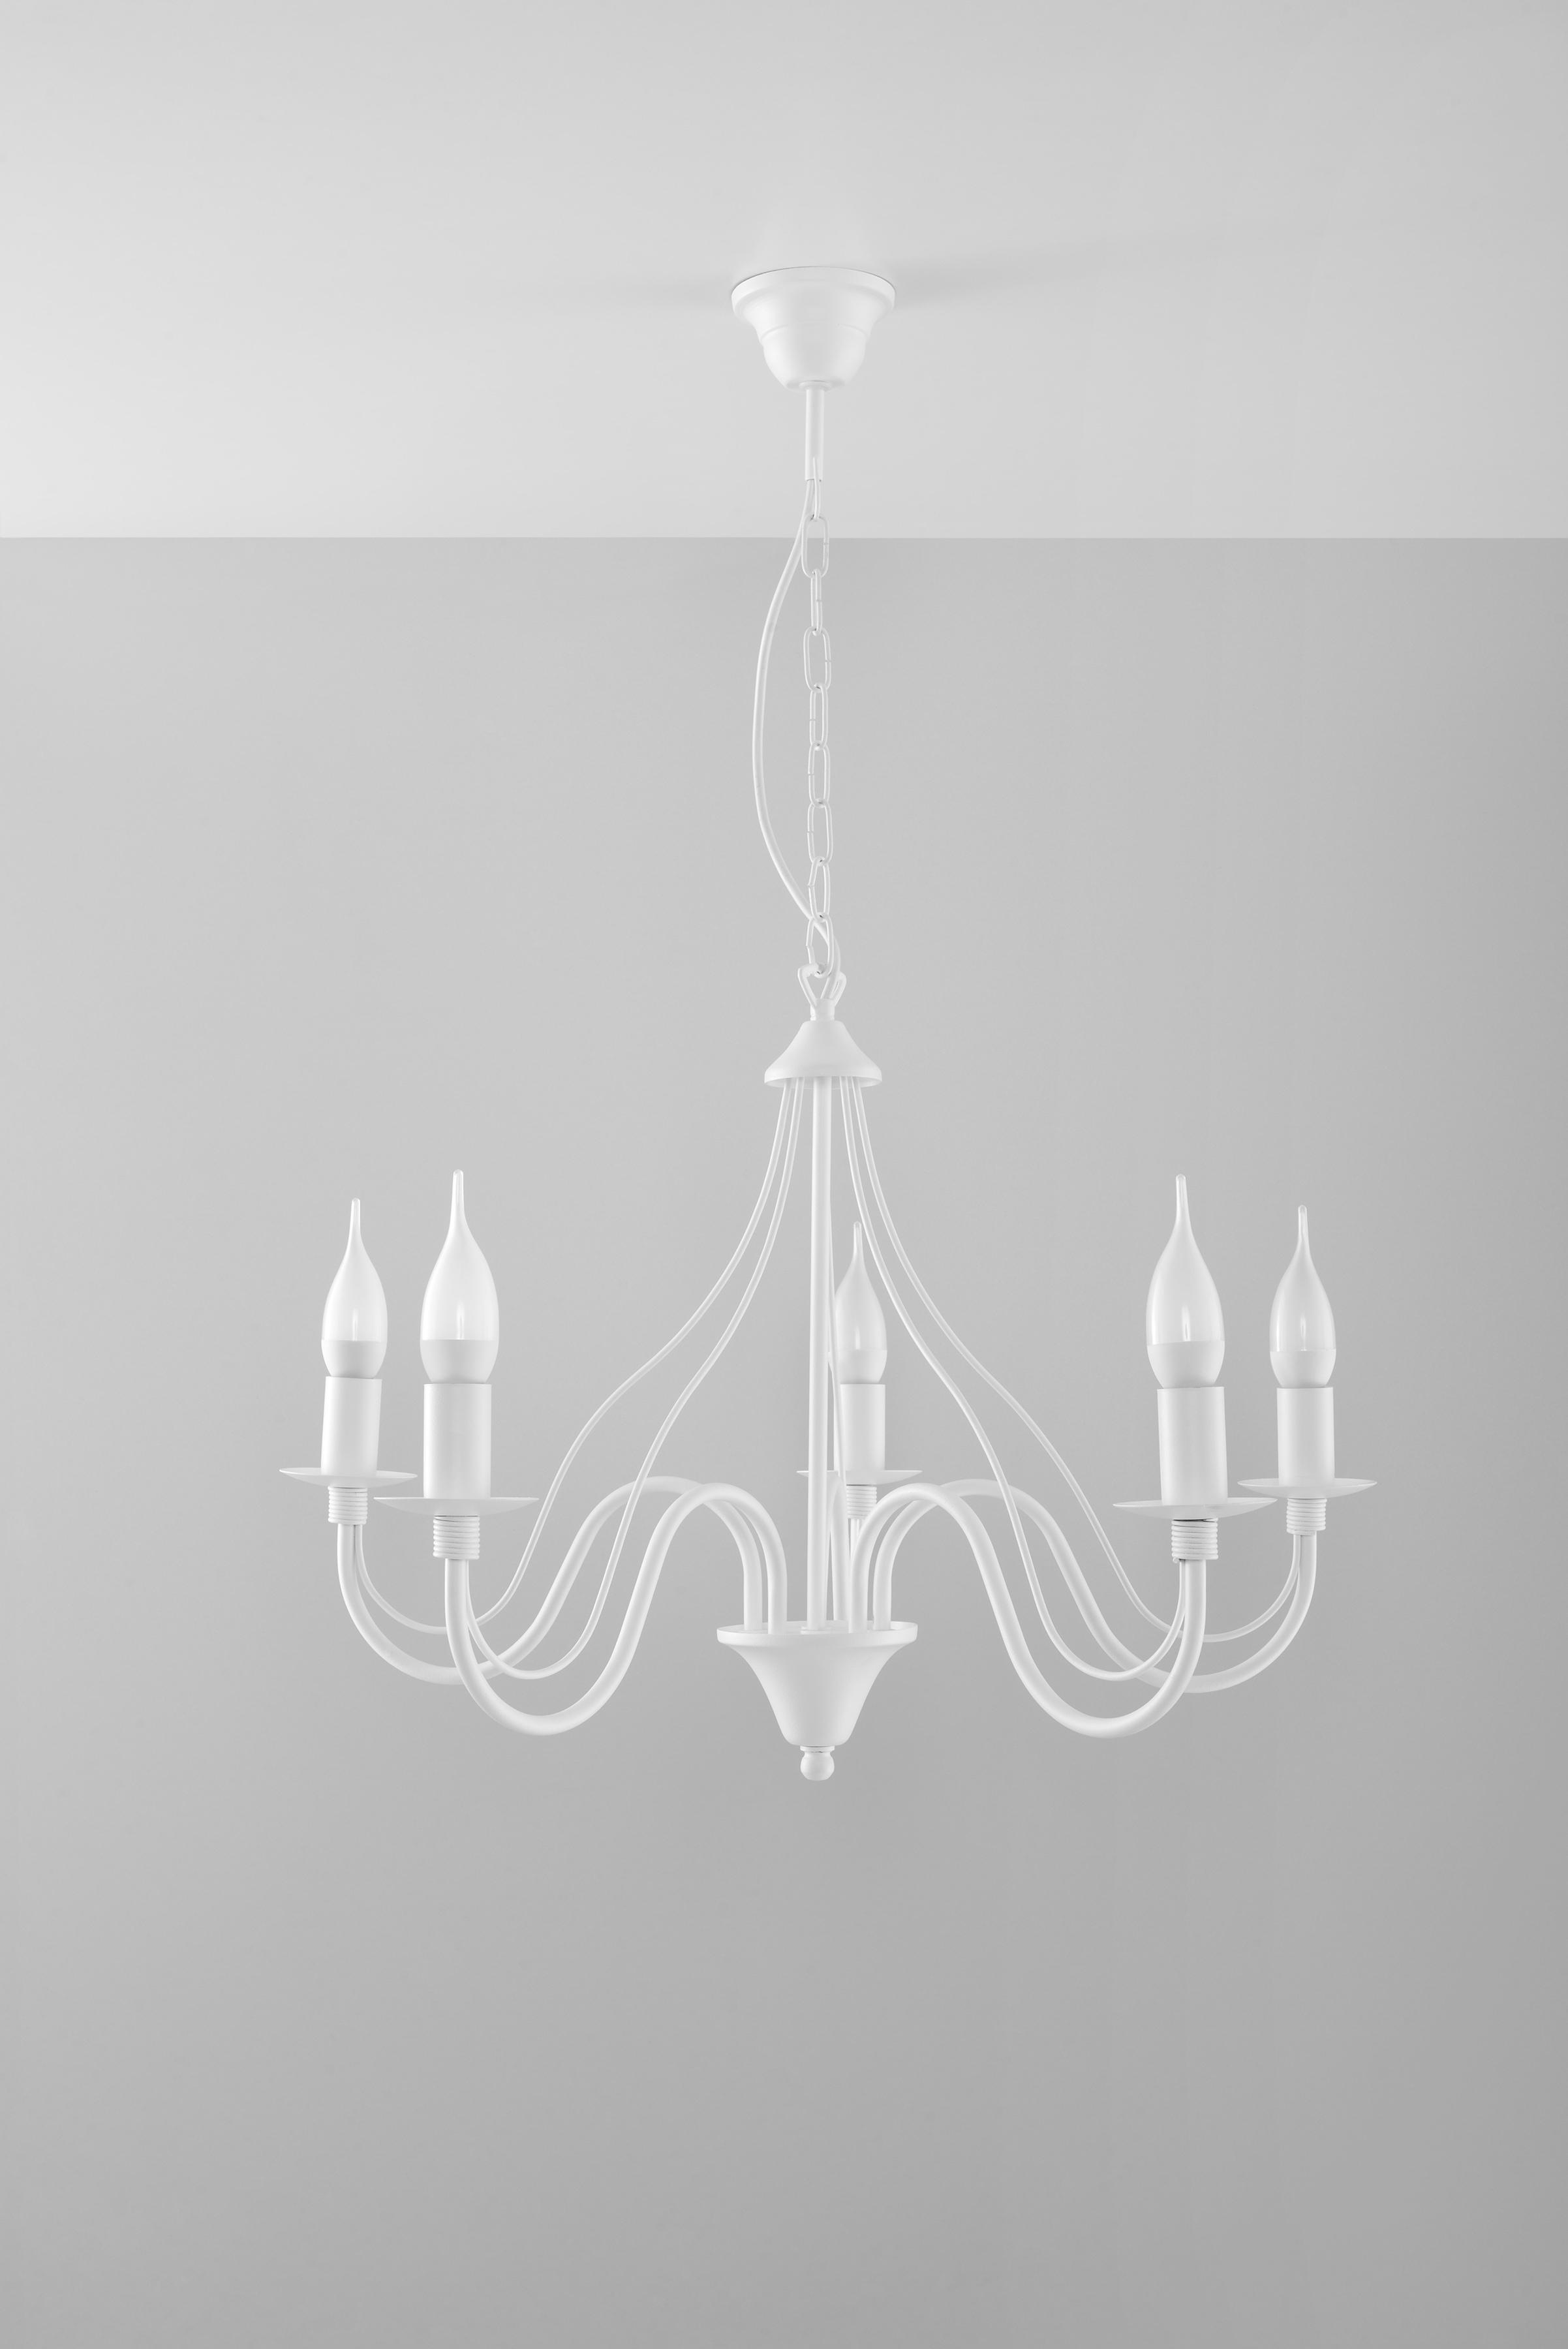 SOLLUX lighting Kronleuchter MINERWA, E14, 1 St., Hängeleuchte, Pendellampe, Pendelleuchte